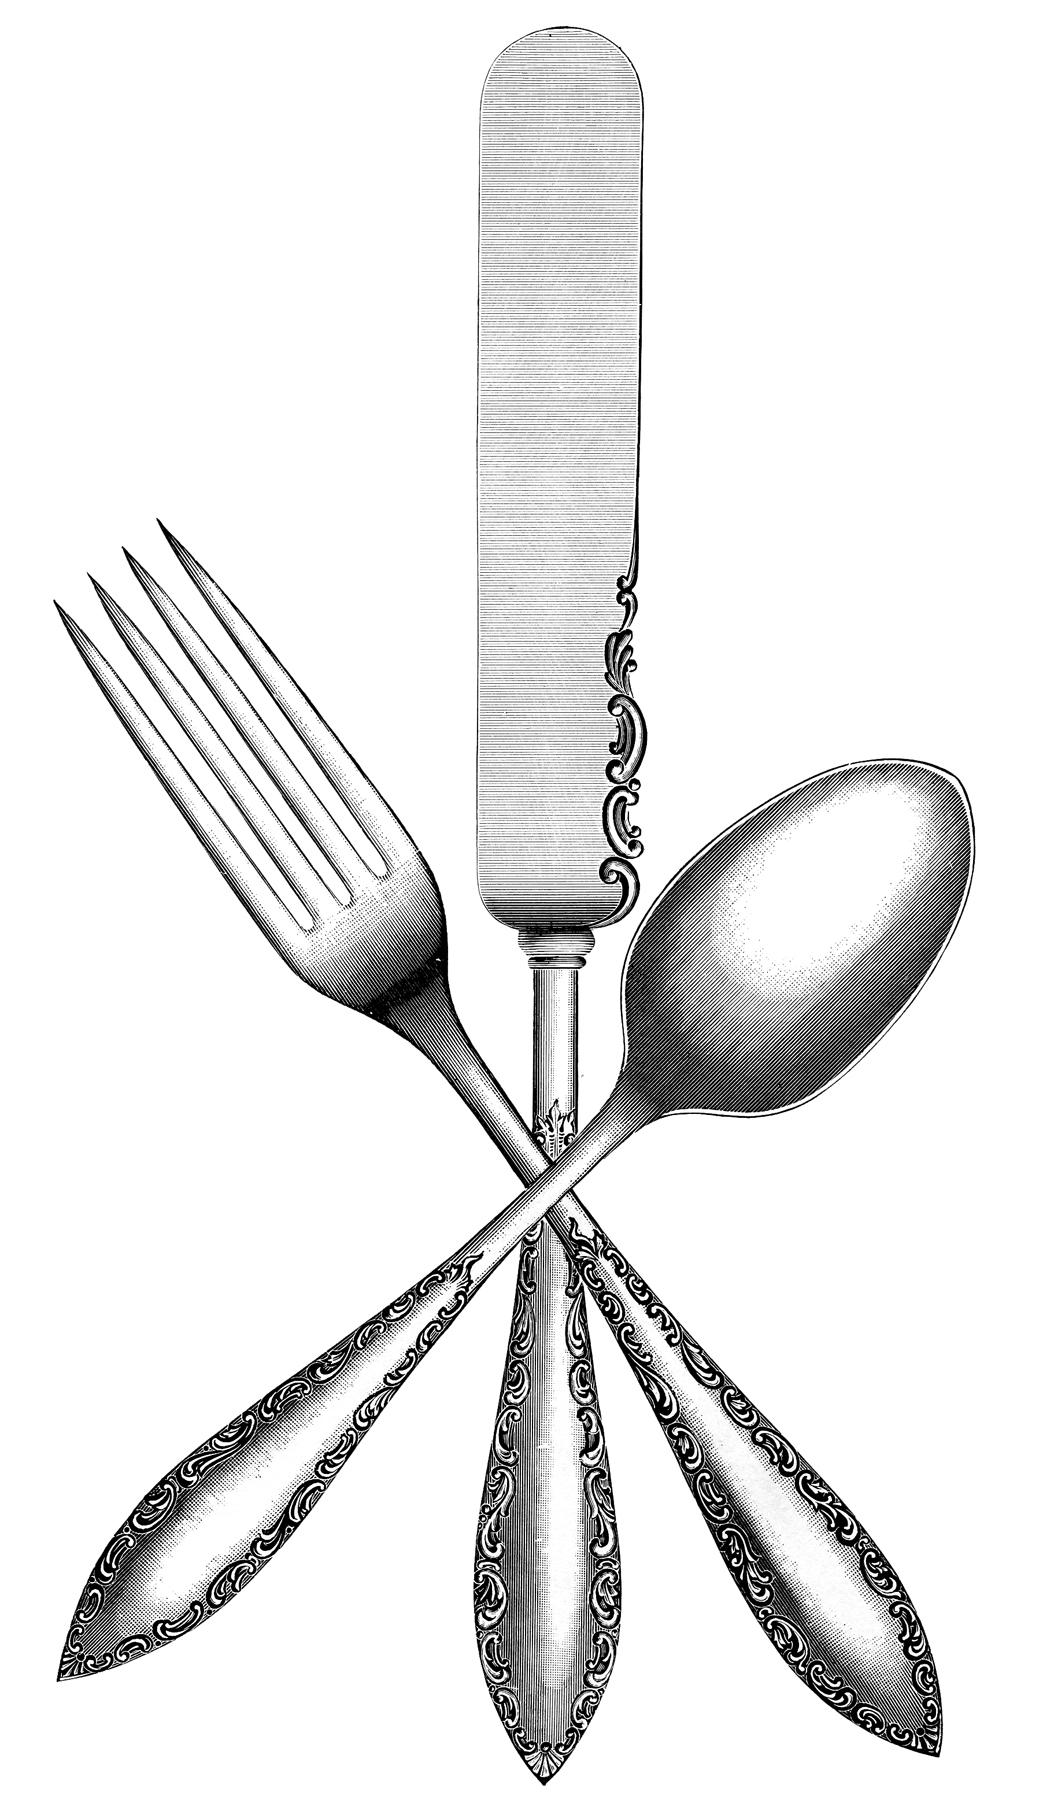 Cutlery clipart silverware Image Graphics Silverware Vintage Vintage